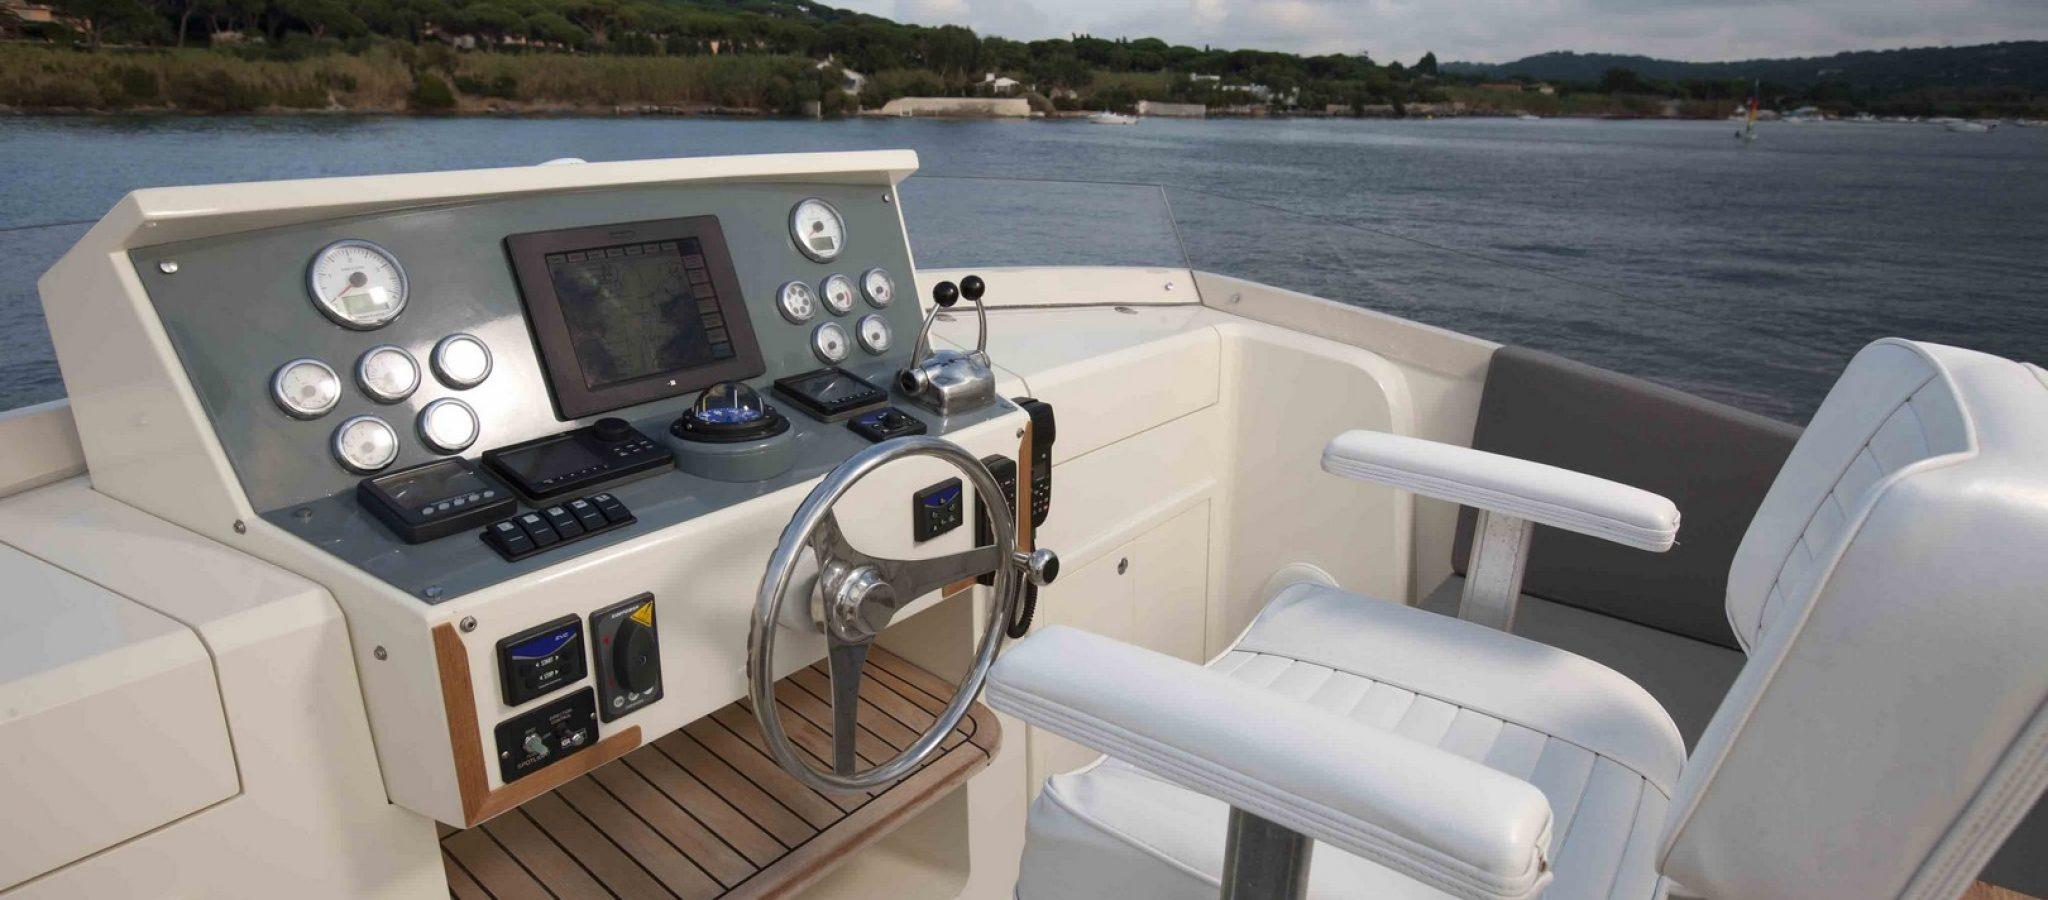 Rhéa-marine-43trawler (4) (web)